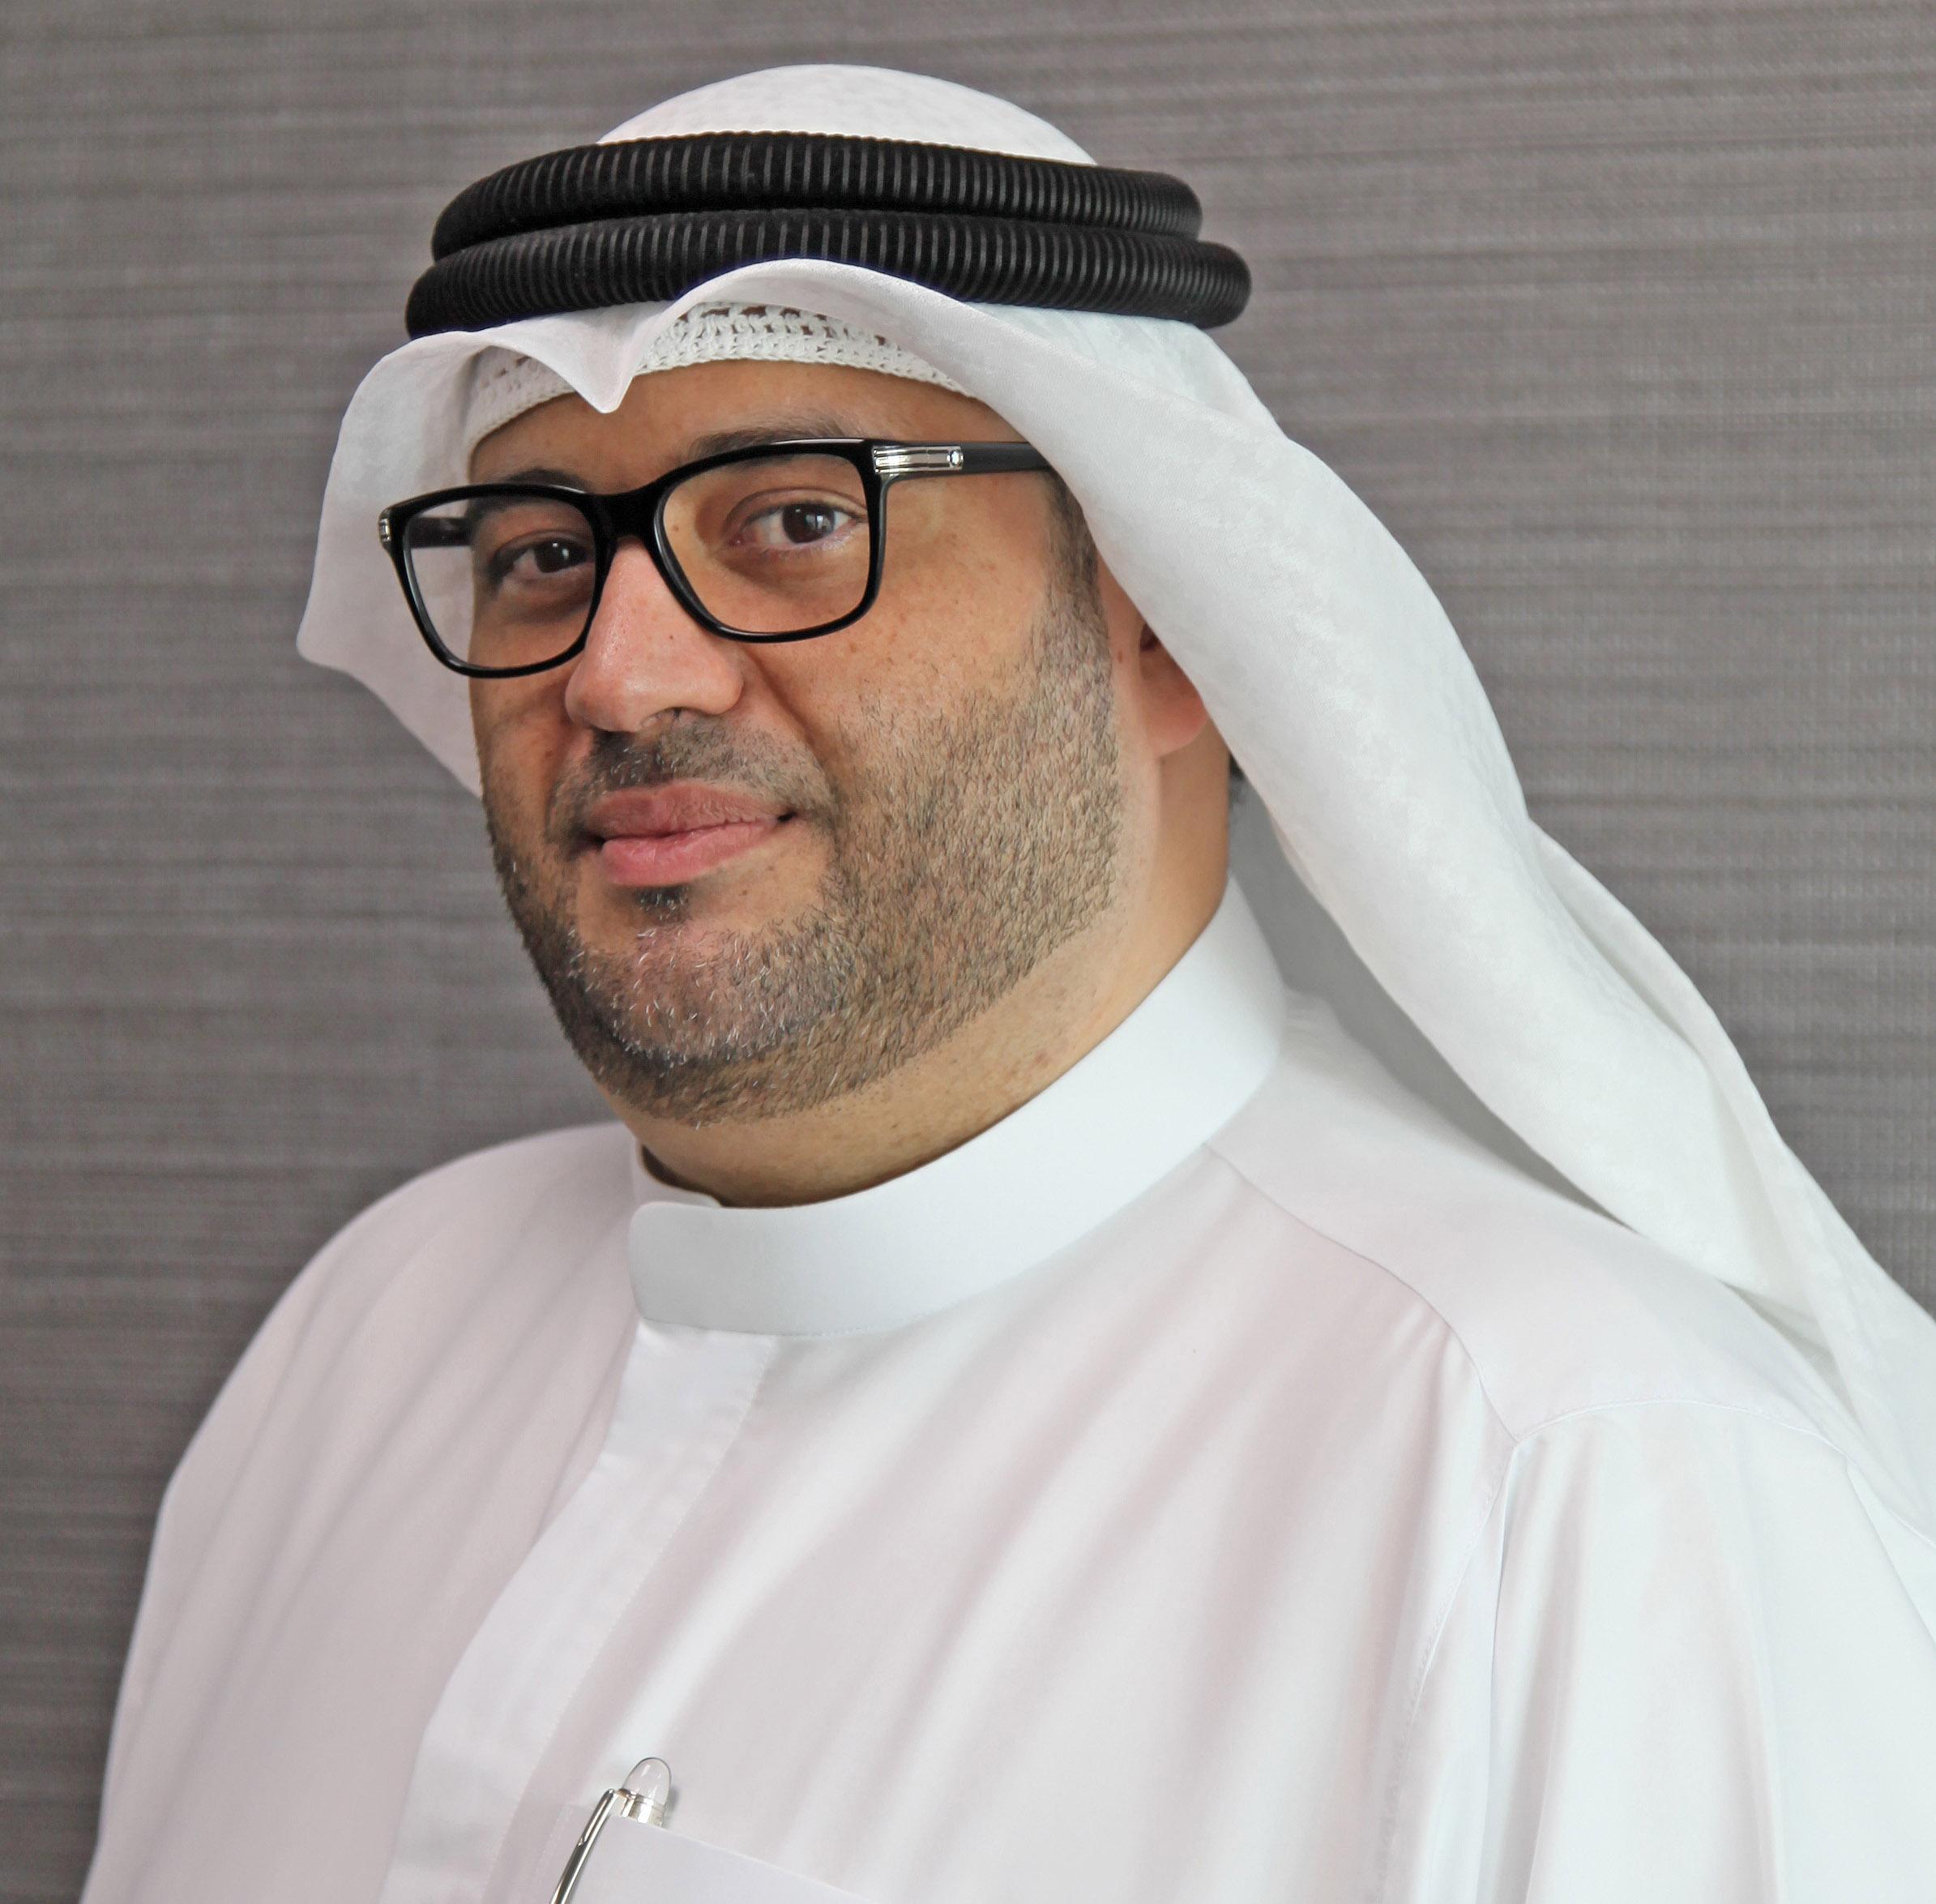 المسابقة الوطنية لمهارات الإمارات تنطلق غدا بدورتها العاشرة 1